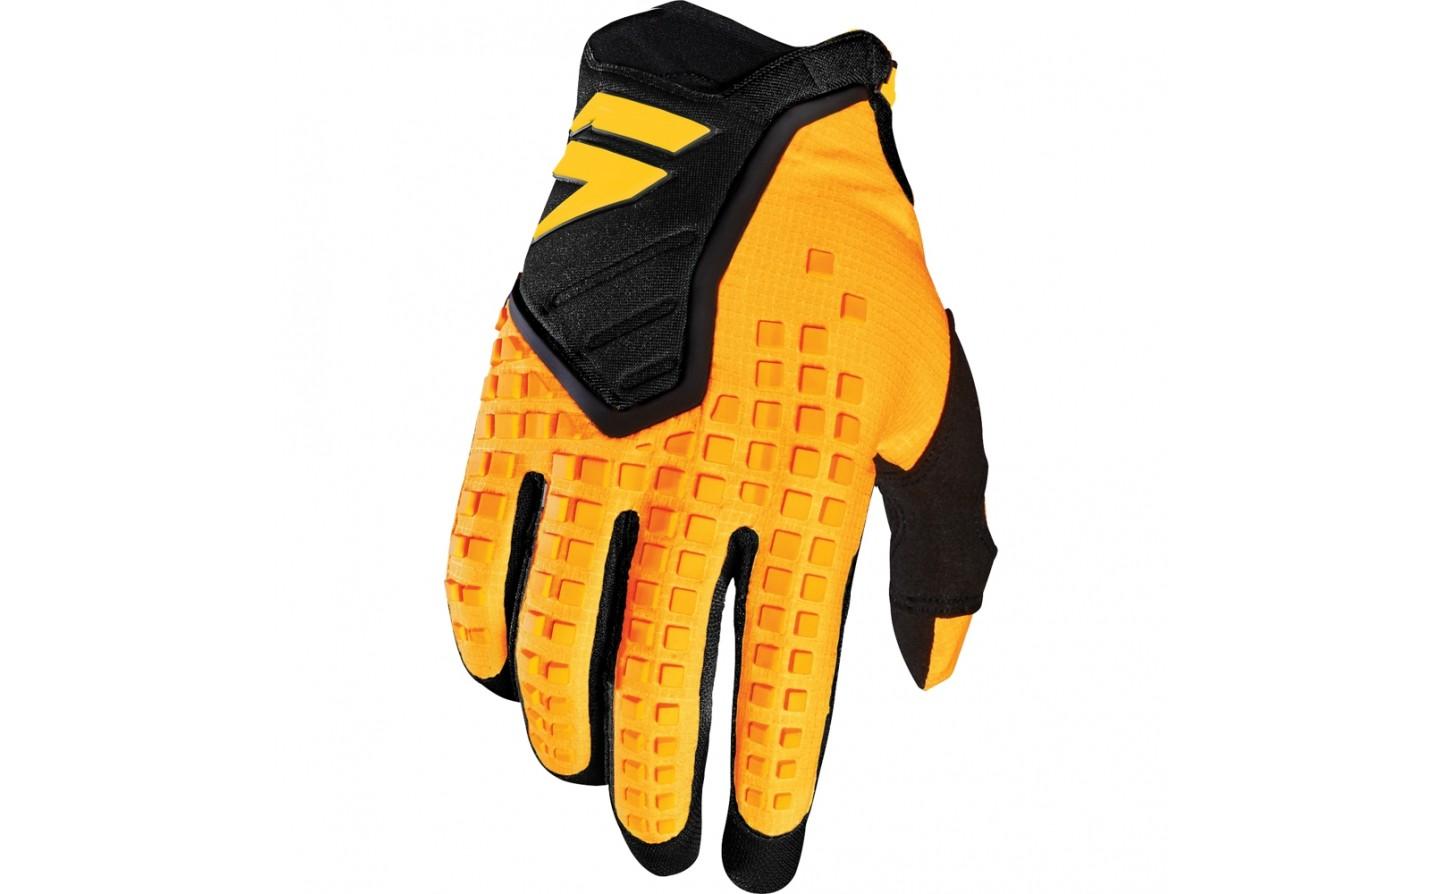 guante shfit 3lack pro glove amarillo/negro talle m